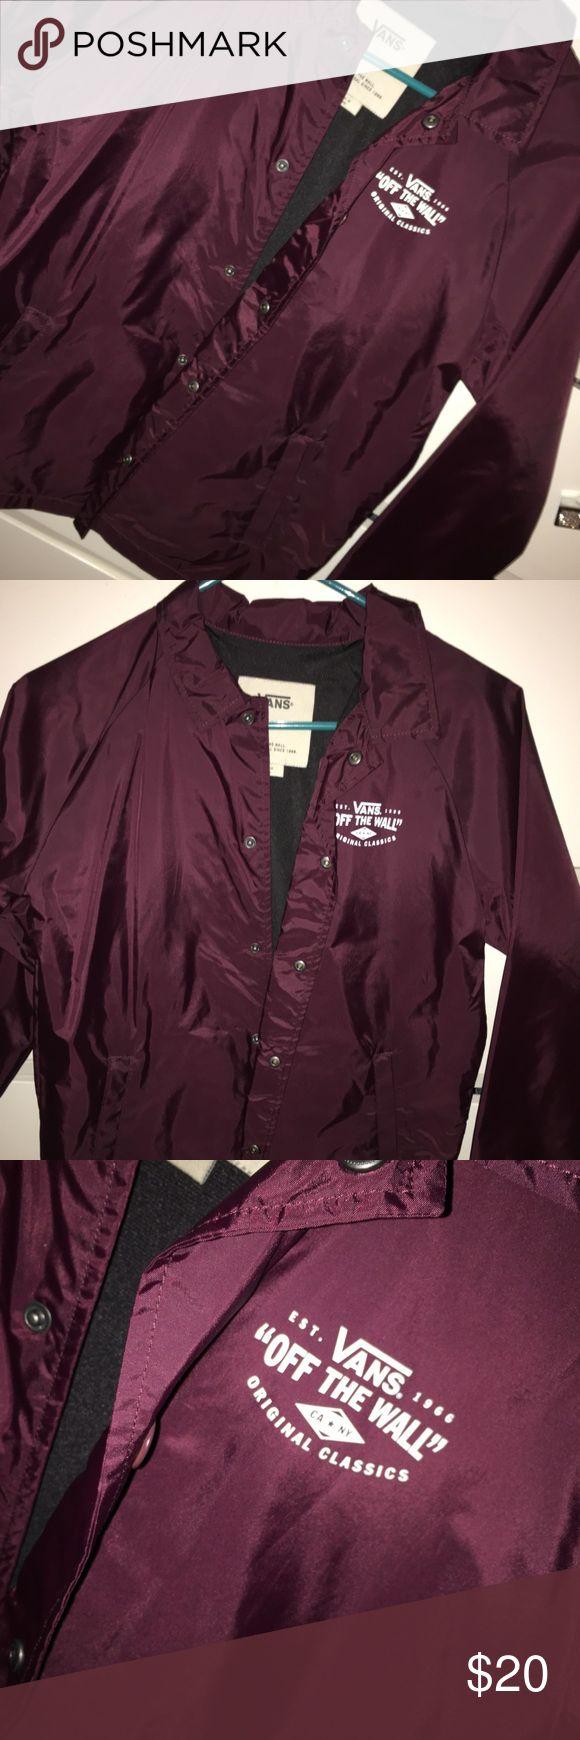 VANS Windbreaker Burgundy lightweight VANS off the Wall windbreaker - Unisex Vans Jackets & Coats Raincoats